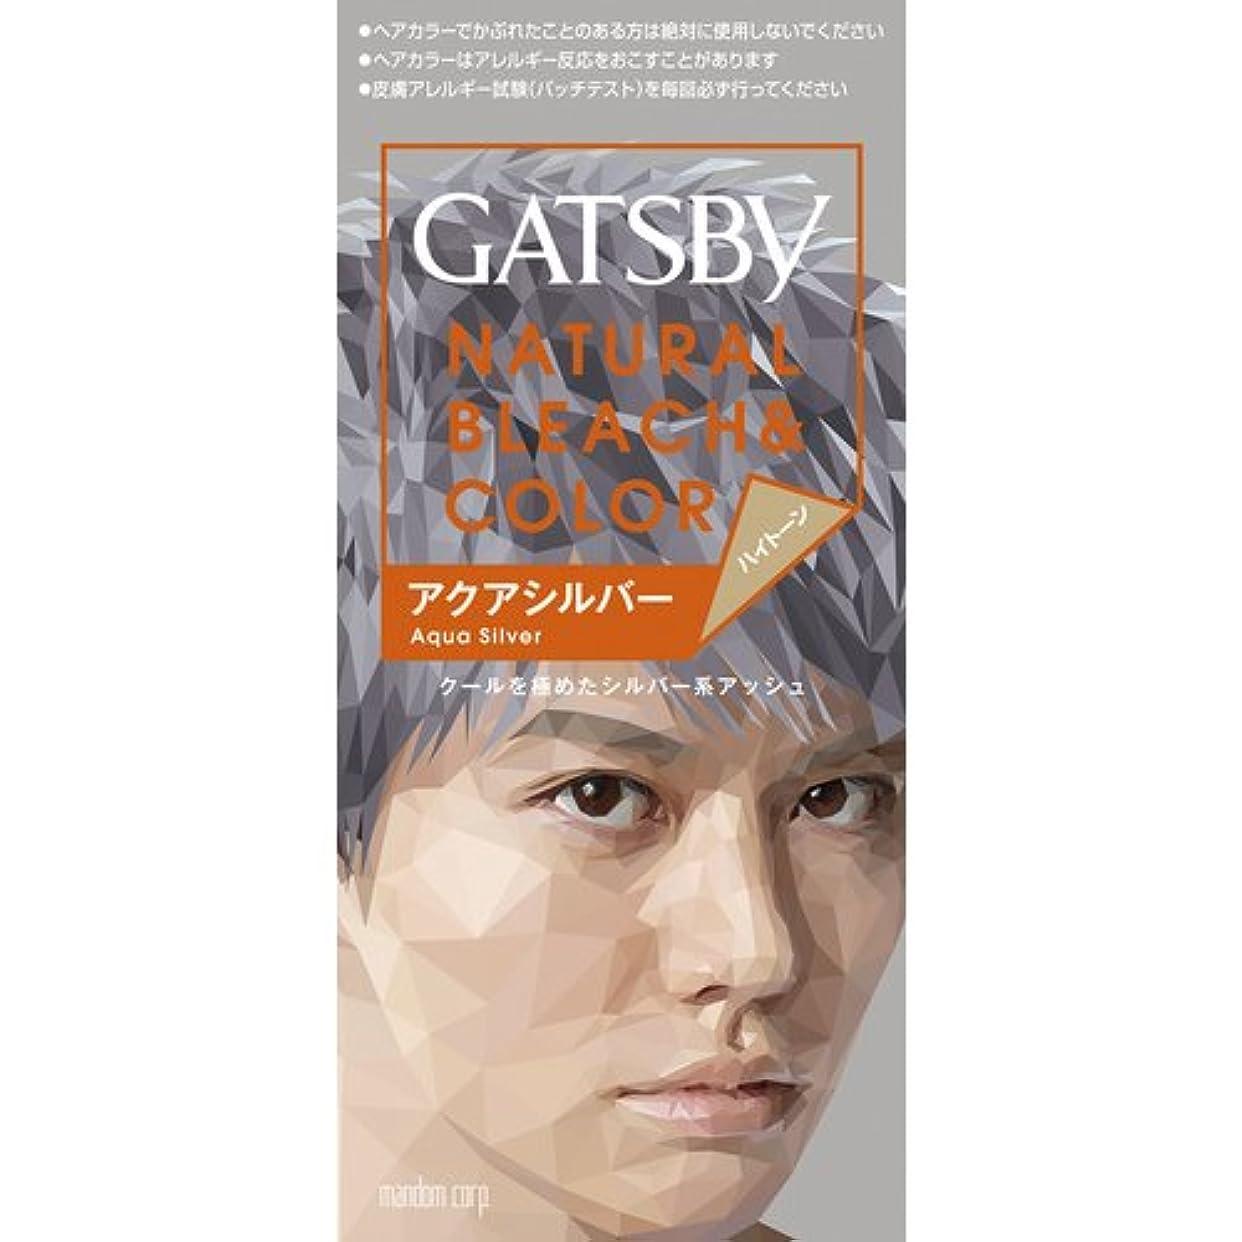 縞模様の実行する該当するギャツビー(GATSBY) ナチュラルブリーチカラー アクアシルバー 35g+70ml [医薬部外品]